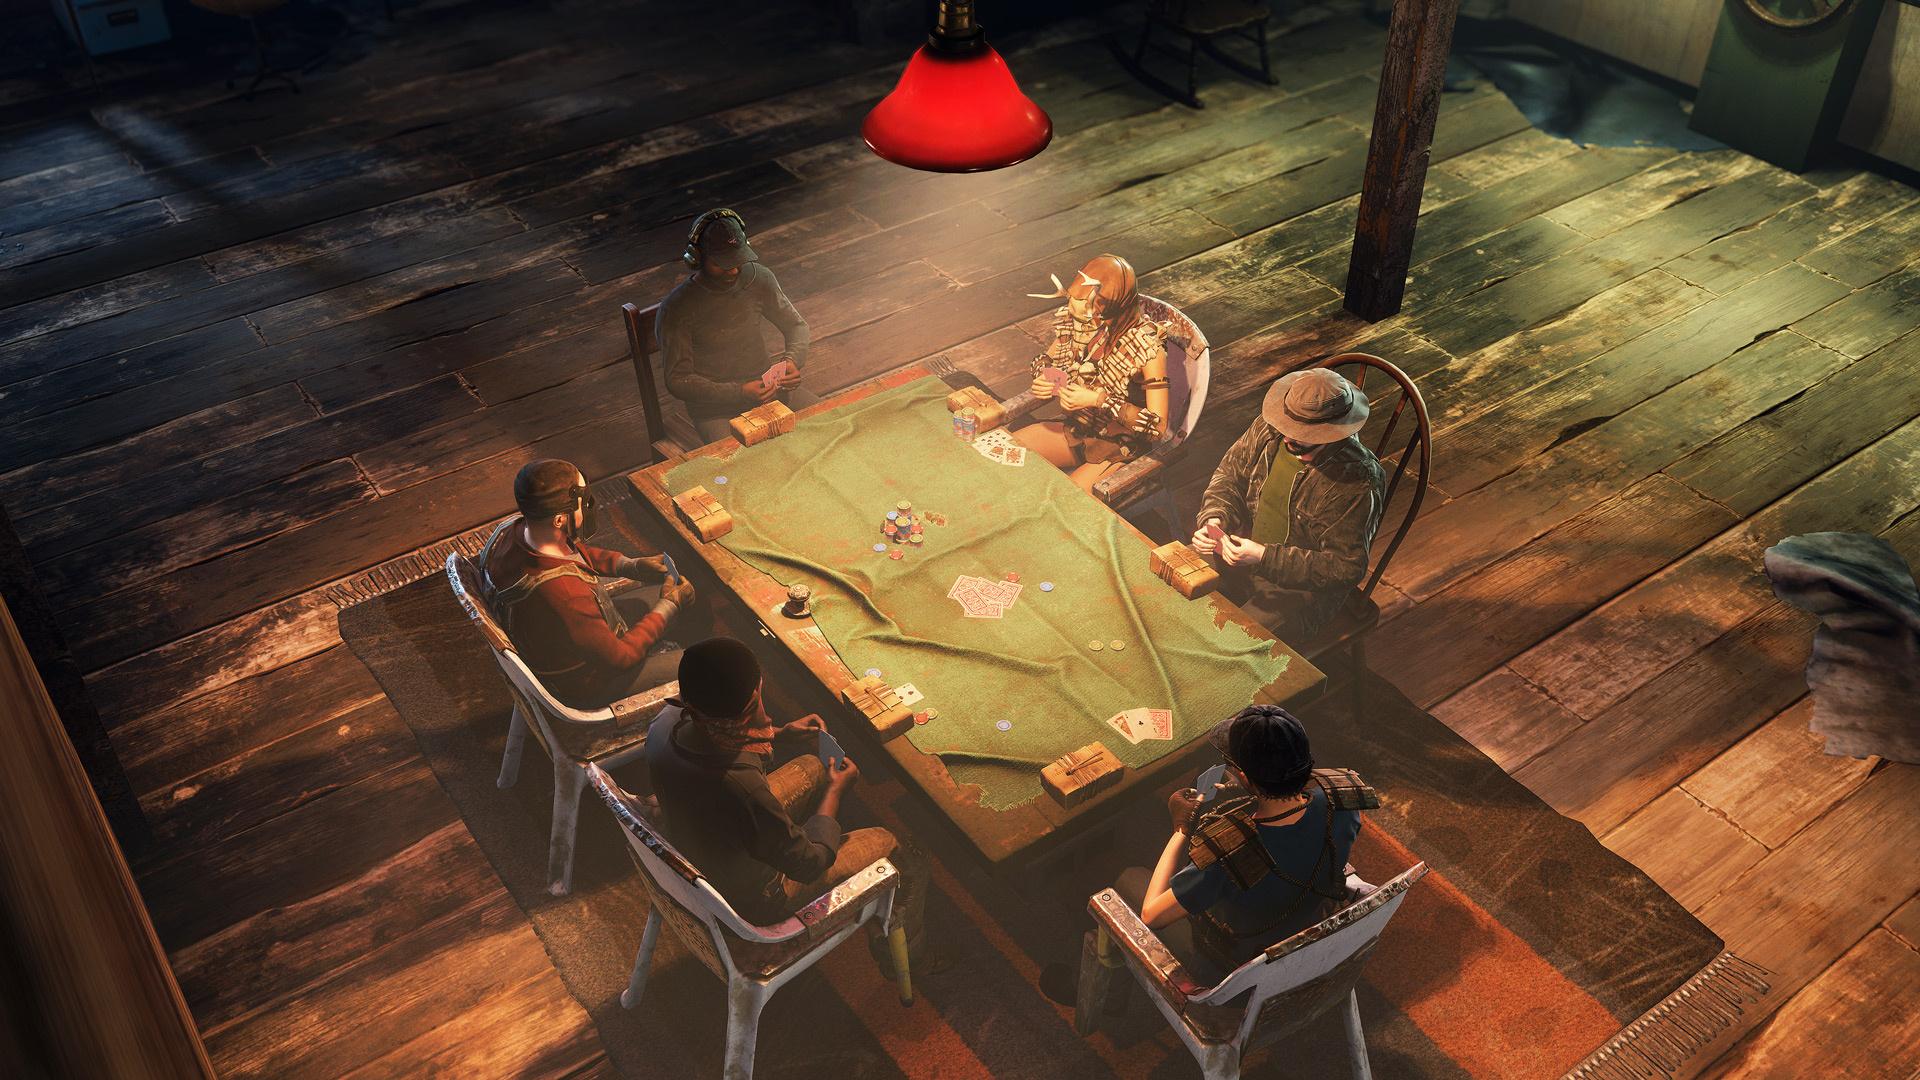 В Rust добавили жесты и покер